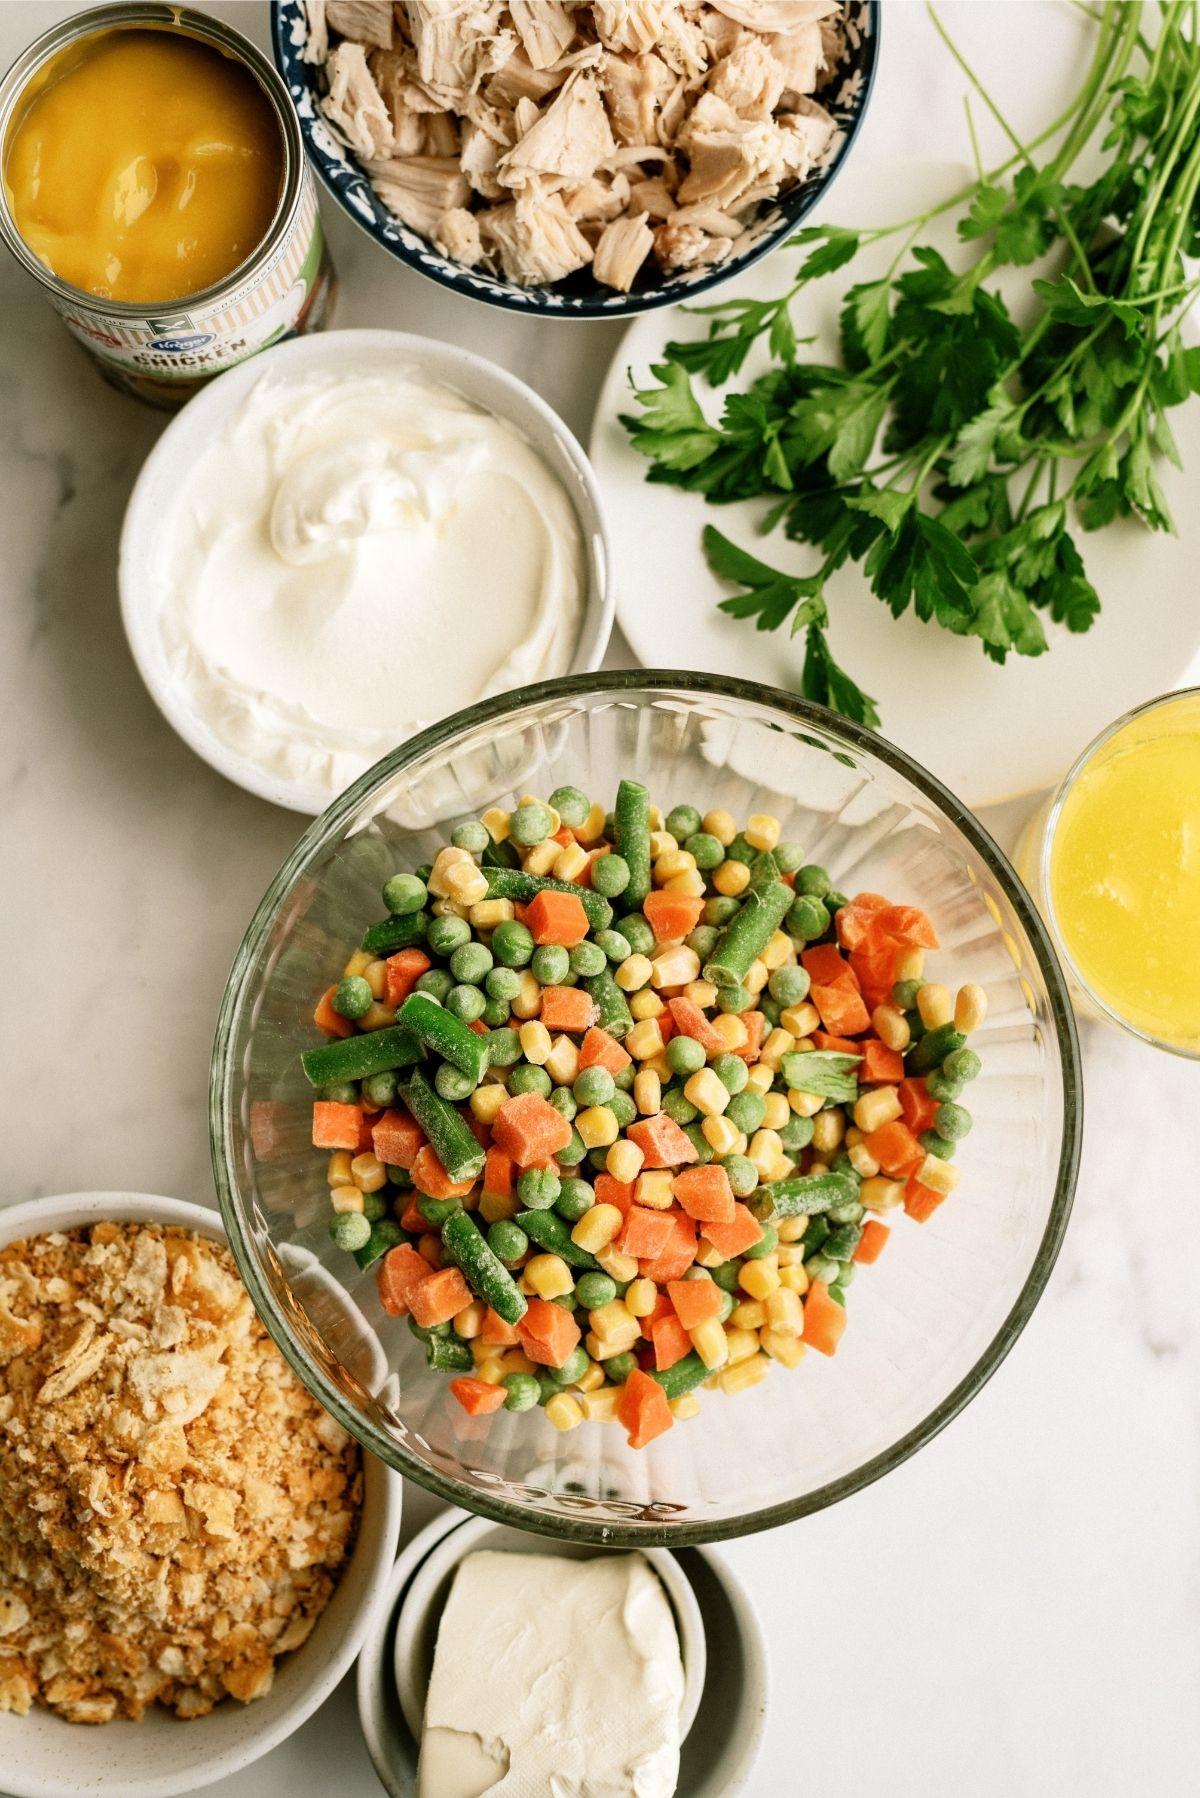 Ingredients for Ritz Cracker Chicken Casserole Recipe